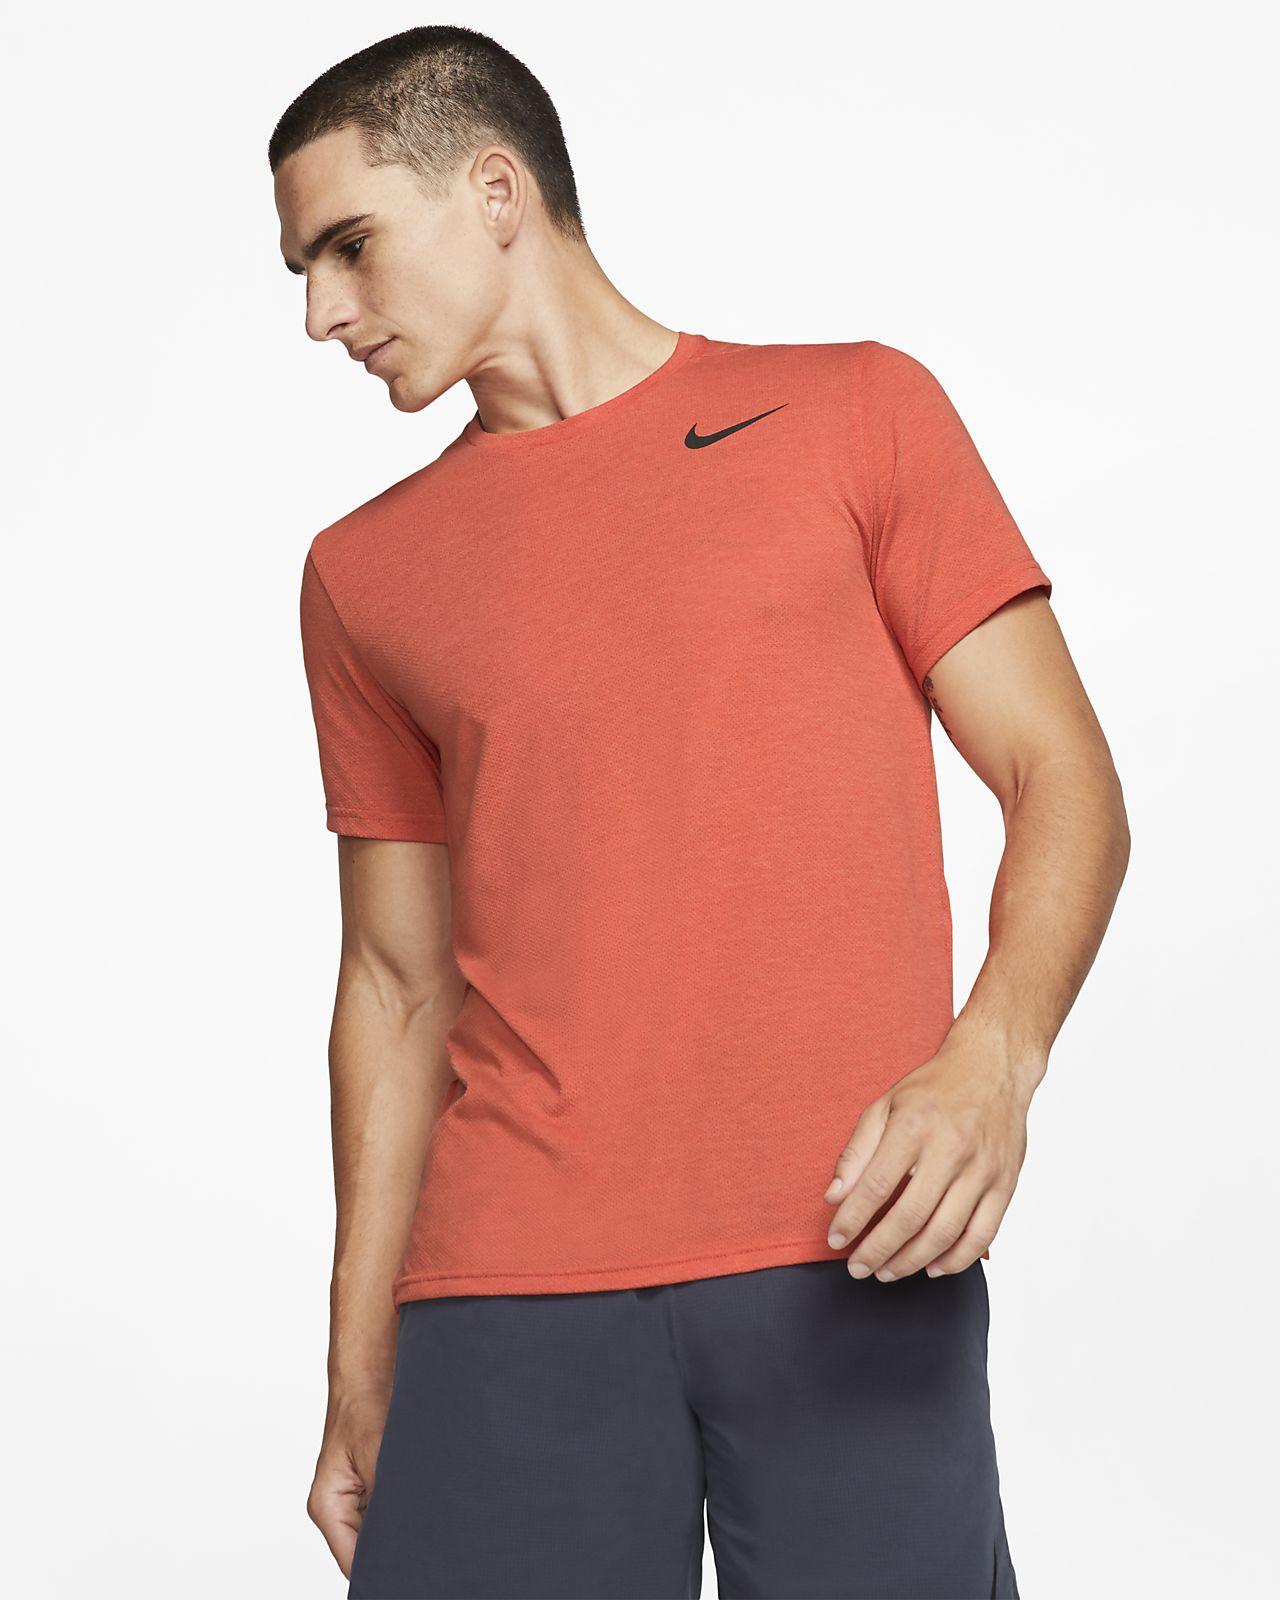 Pánské tréninkové tričko Nike Breathe s krátkým rukávem